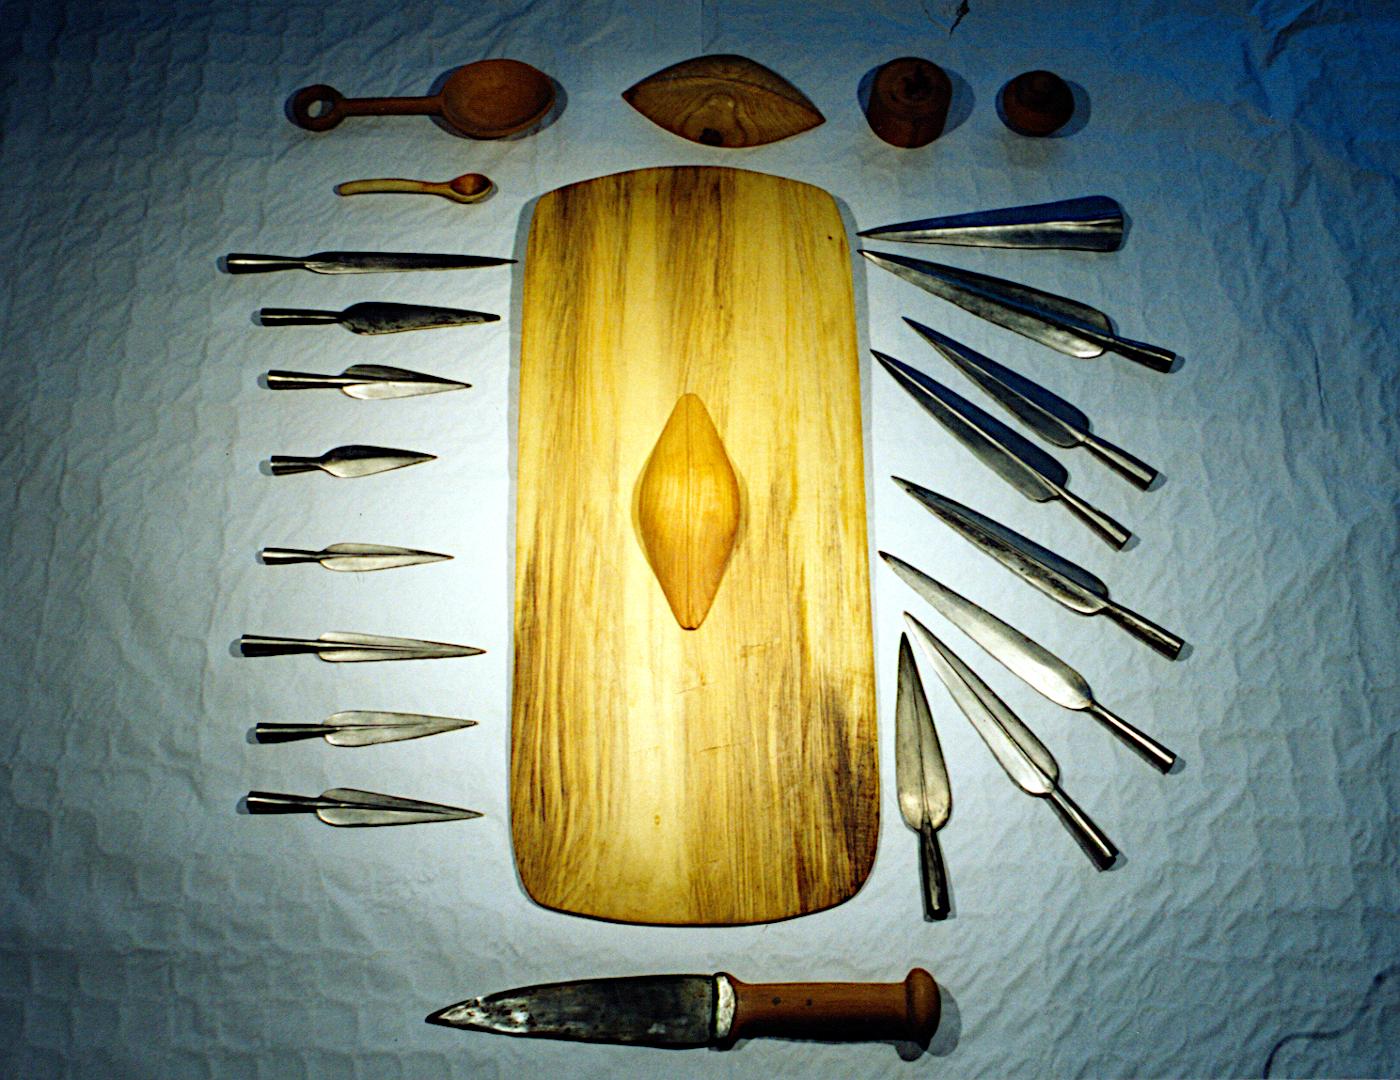 Skjold, sværd og spydspidser.